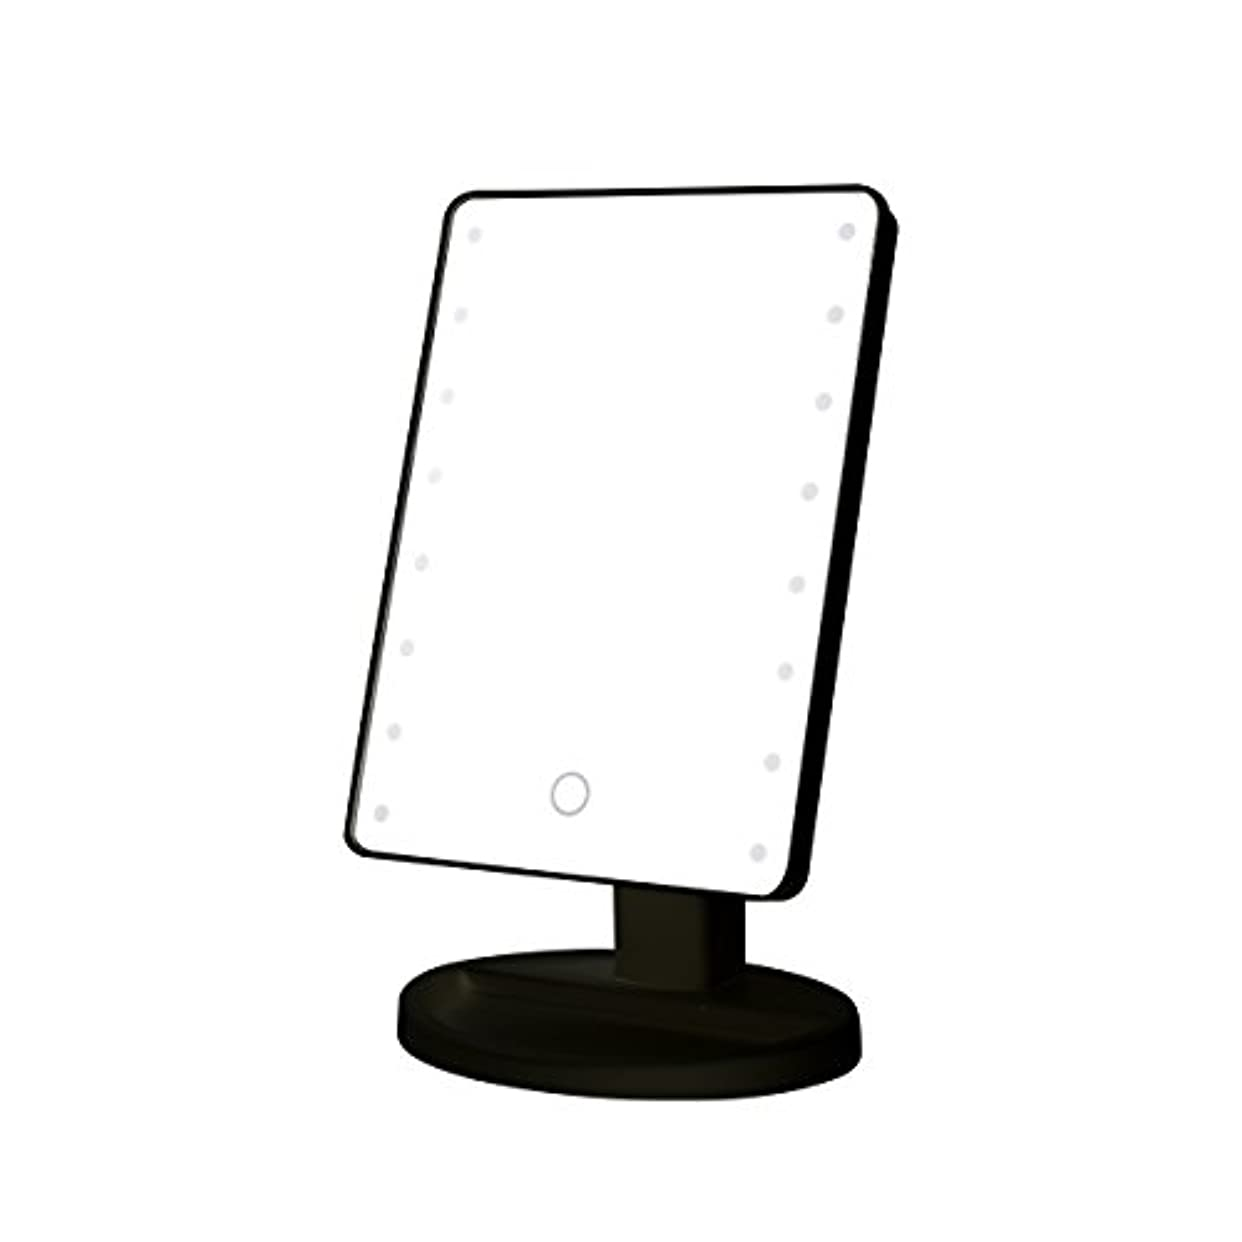 子供っぽい酔っ払いできればB-PING 鏡 卓上 化粧鏡 16LEDライト搭載 女優ミラー 卓上ミラー 180度回転 電池給電 プレゼント メイク 化粧道具 メイクアップミラー (ブラック )